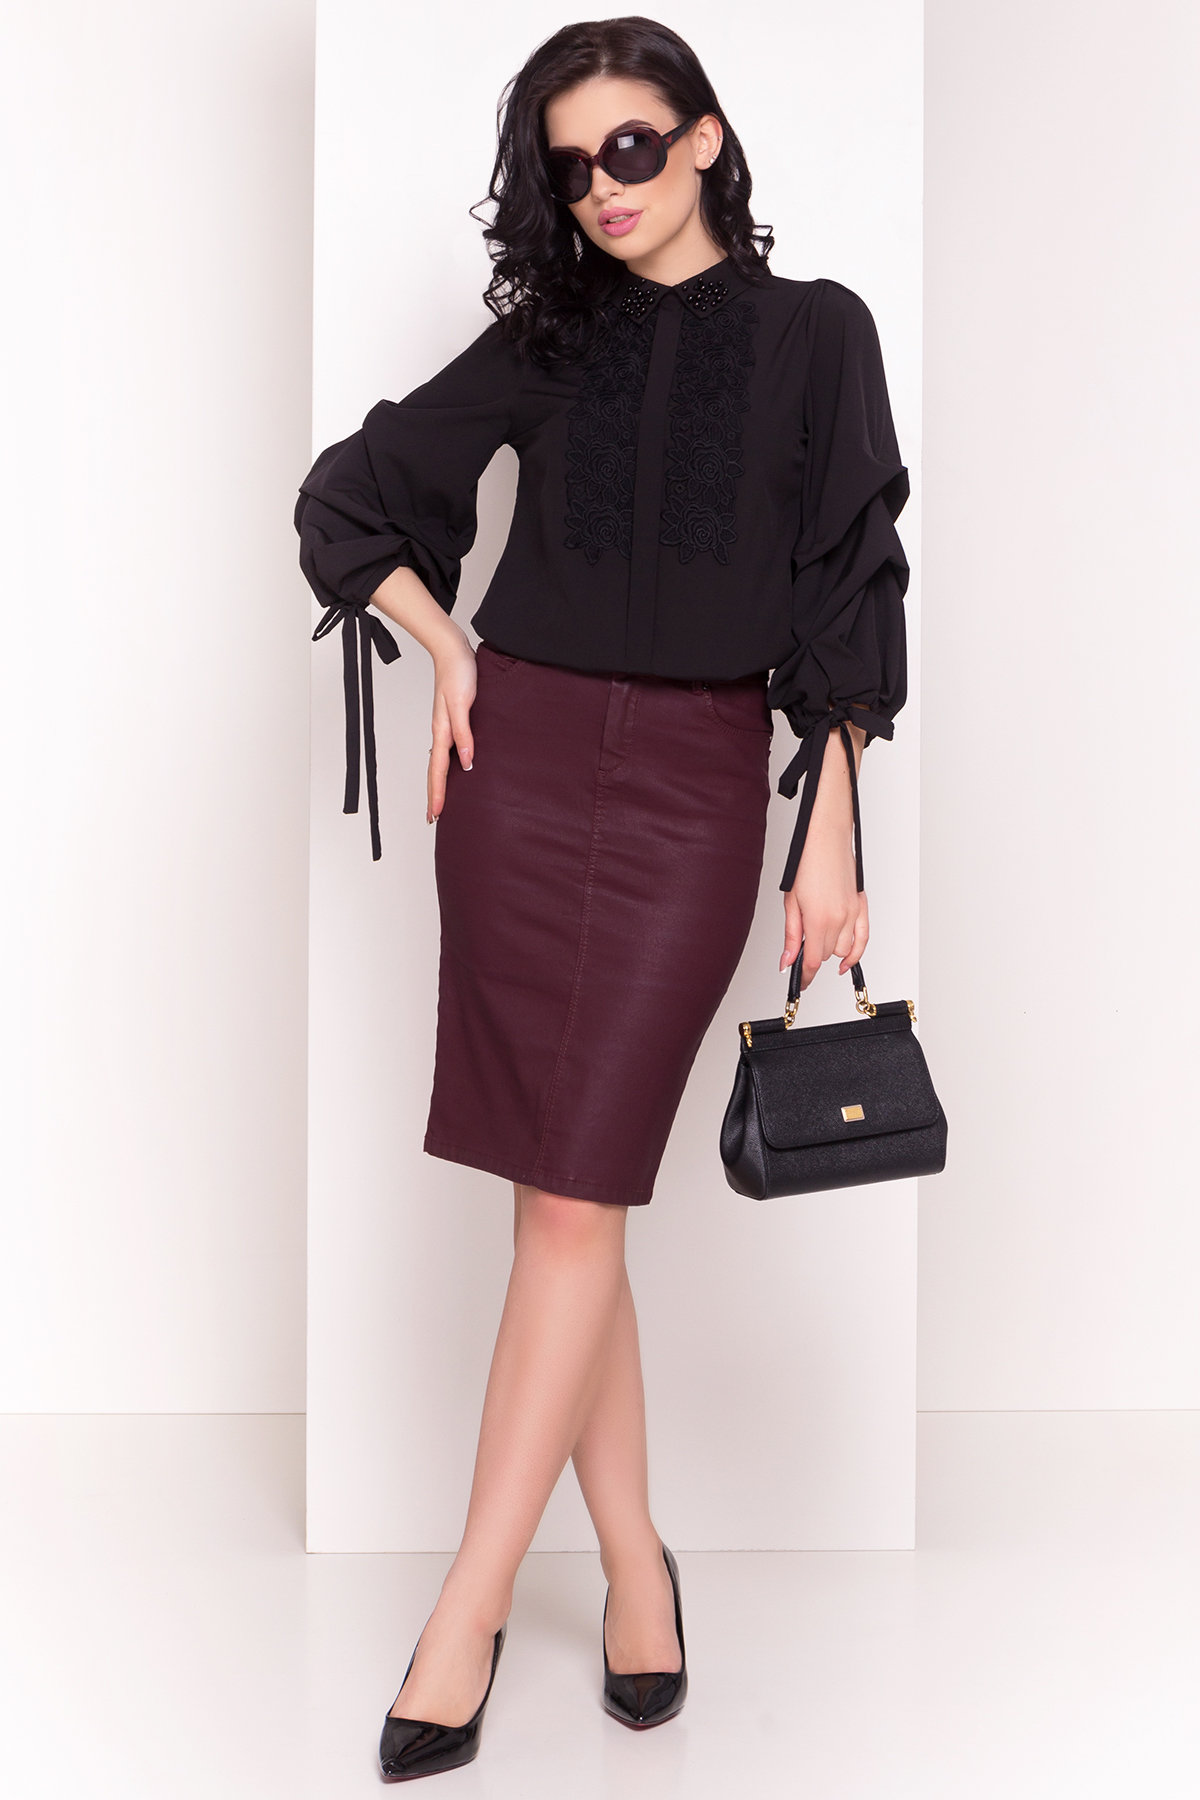 Модная женская одежда от украинских производителей